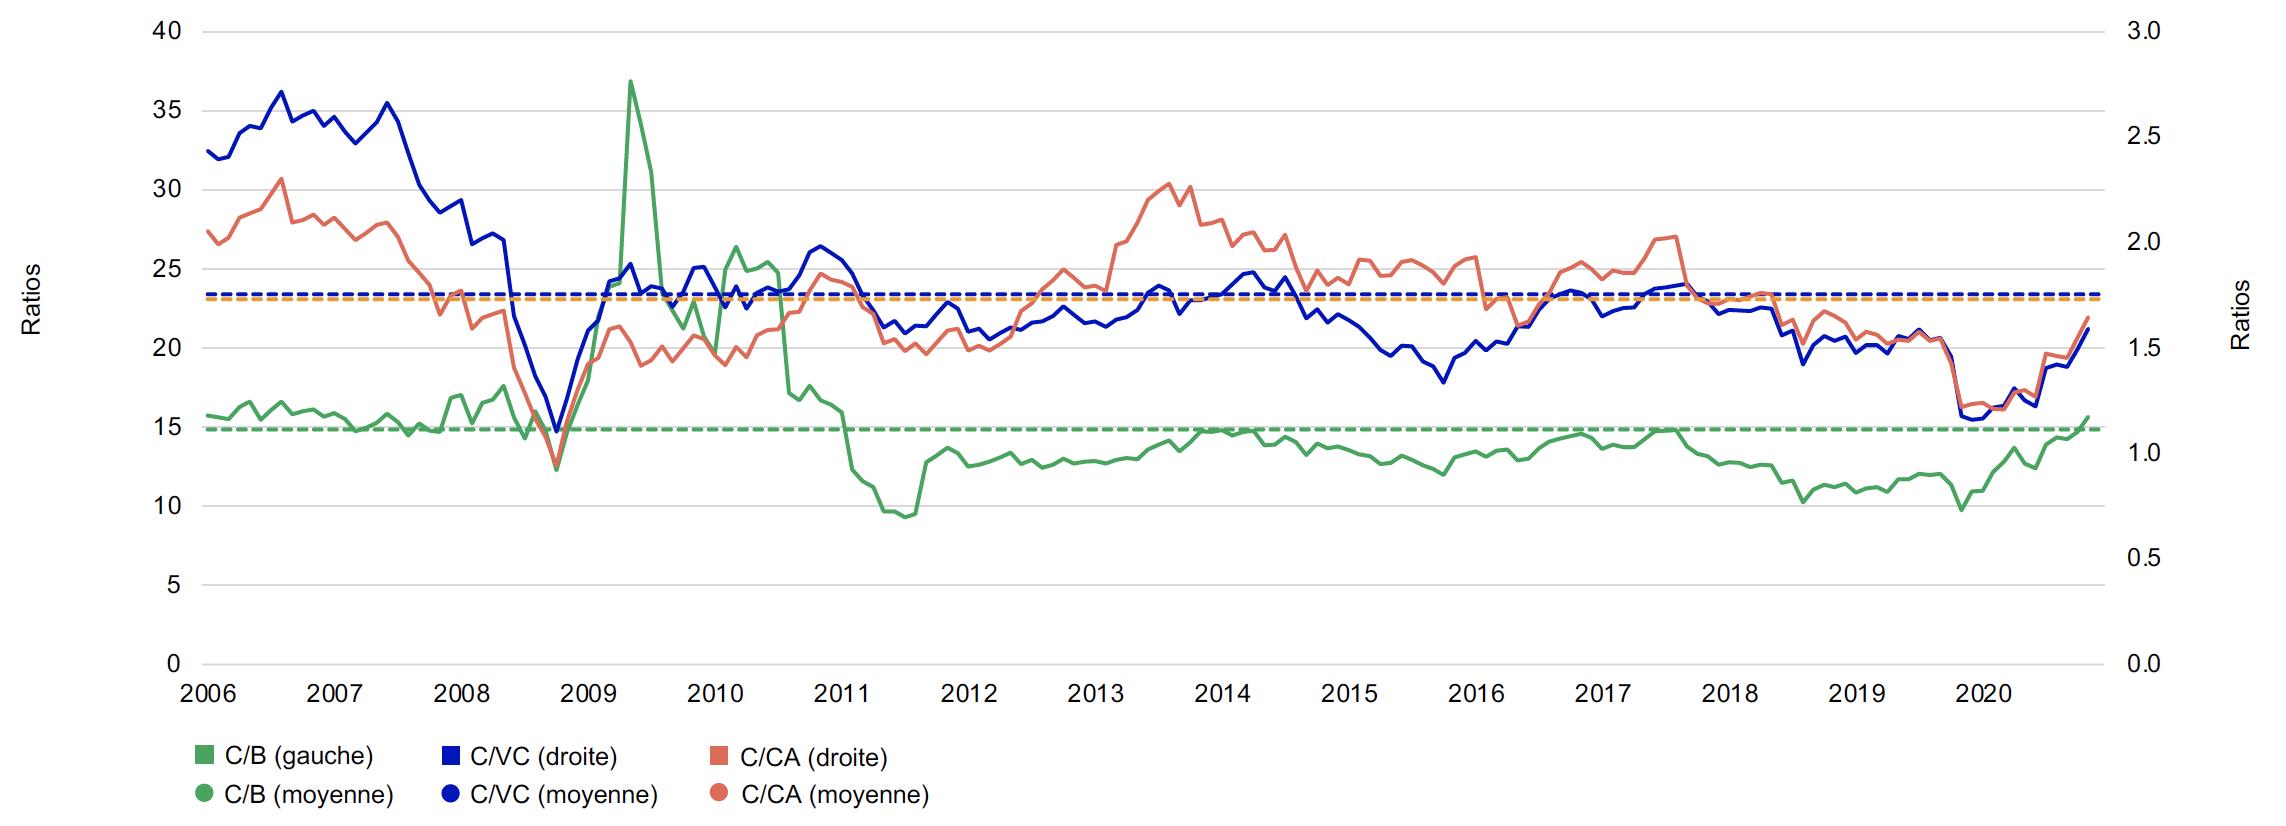 Le graphique de gauche montre l'évaluation du secteur des services financiers du S&P/TSX selon le ratio cours/bénéfice, le ratio cours/valeur comptable et le ratio cours/chiffre d'affaires de janvier 2006 au 31 mars 2021, ainsi que leurs moyennes respectives. Les ratios cours/valeur comptable et cours/chiffre d'affaires sont inférieurs à leur moyenne à long terme, et le ratio cours/bénéfice est légèrement supérieur à sa moyenne à long terme.